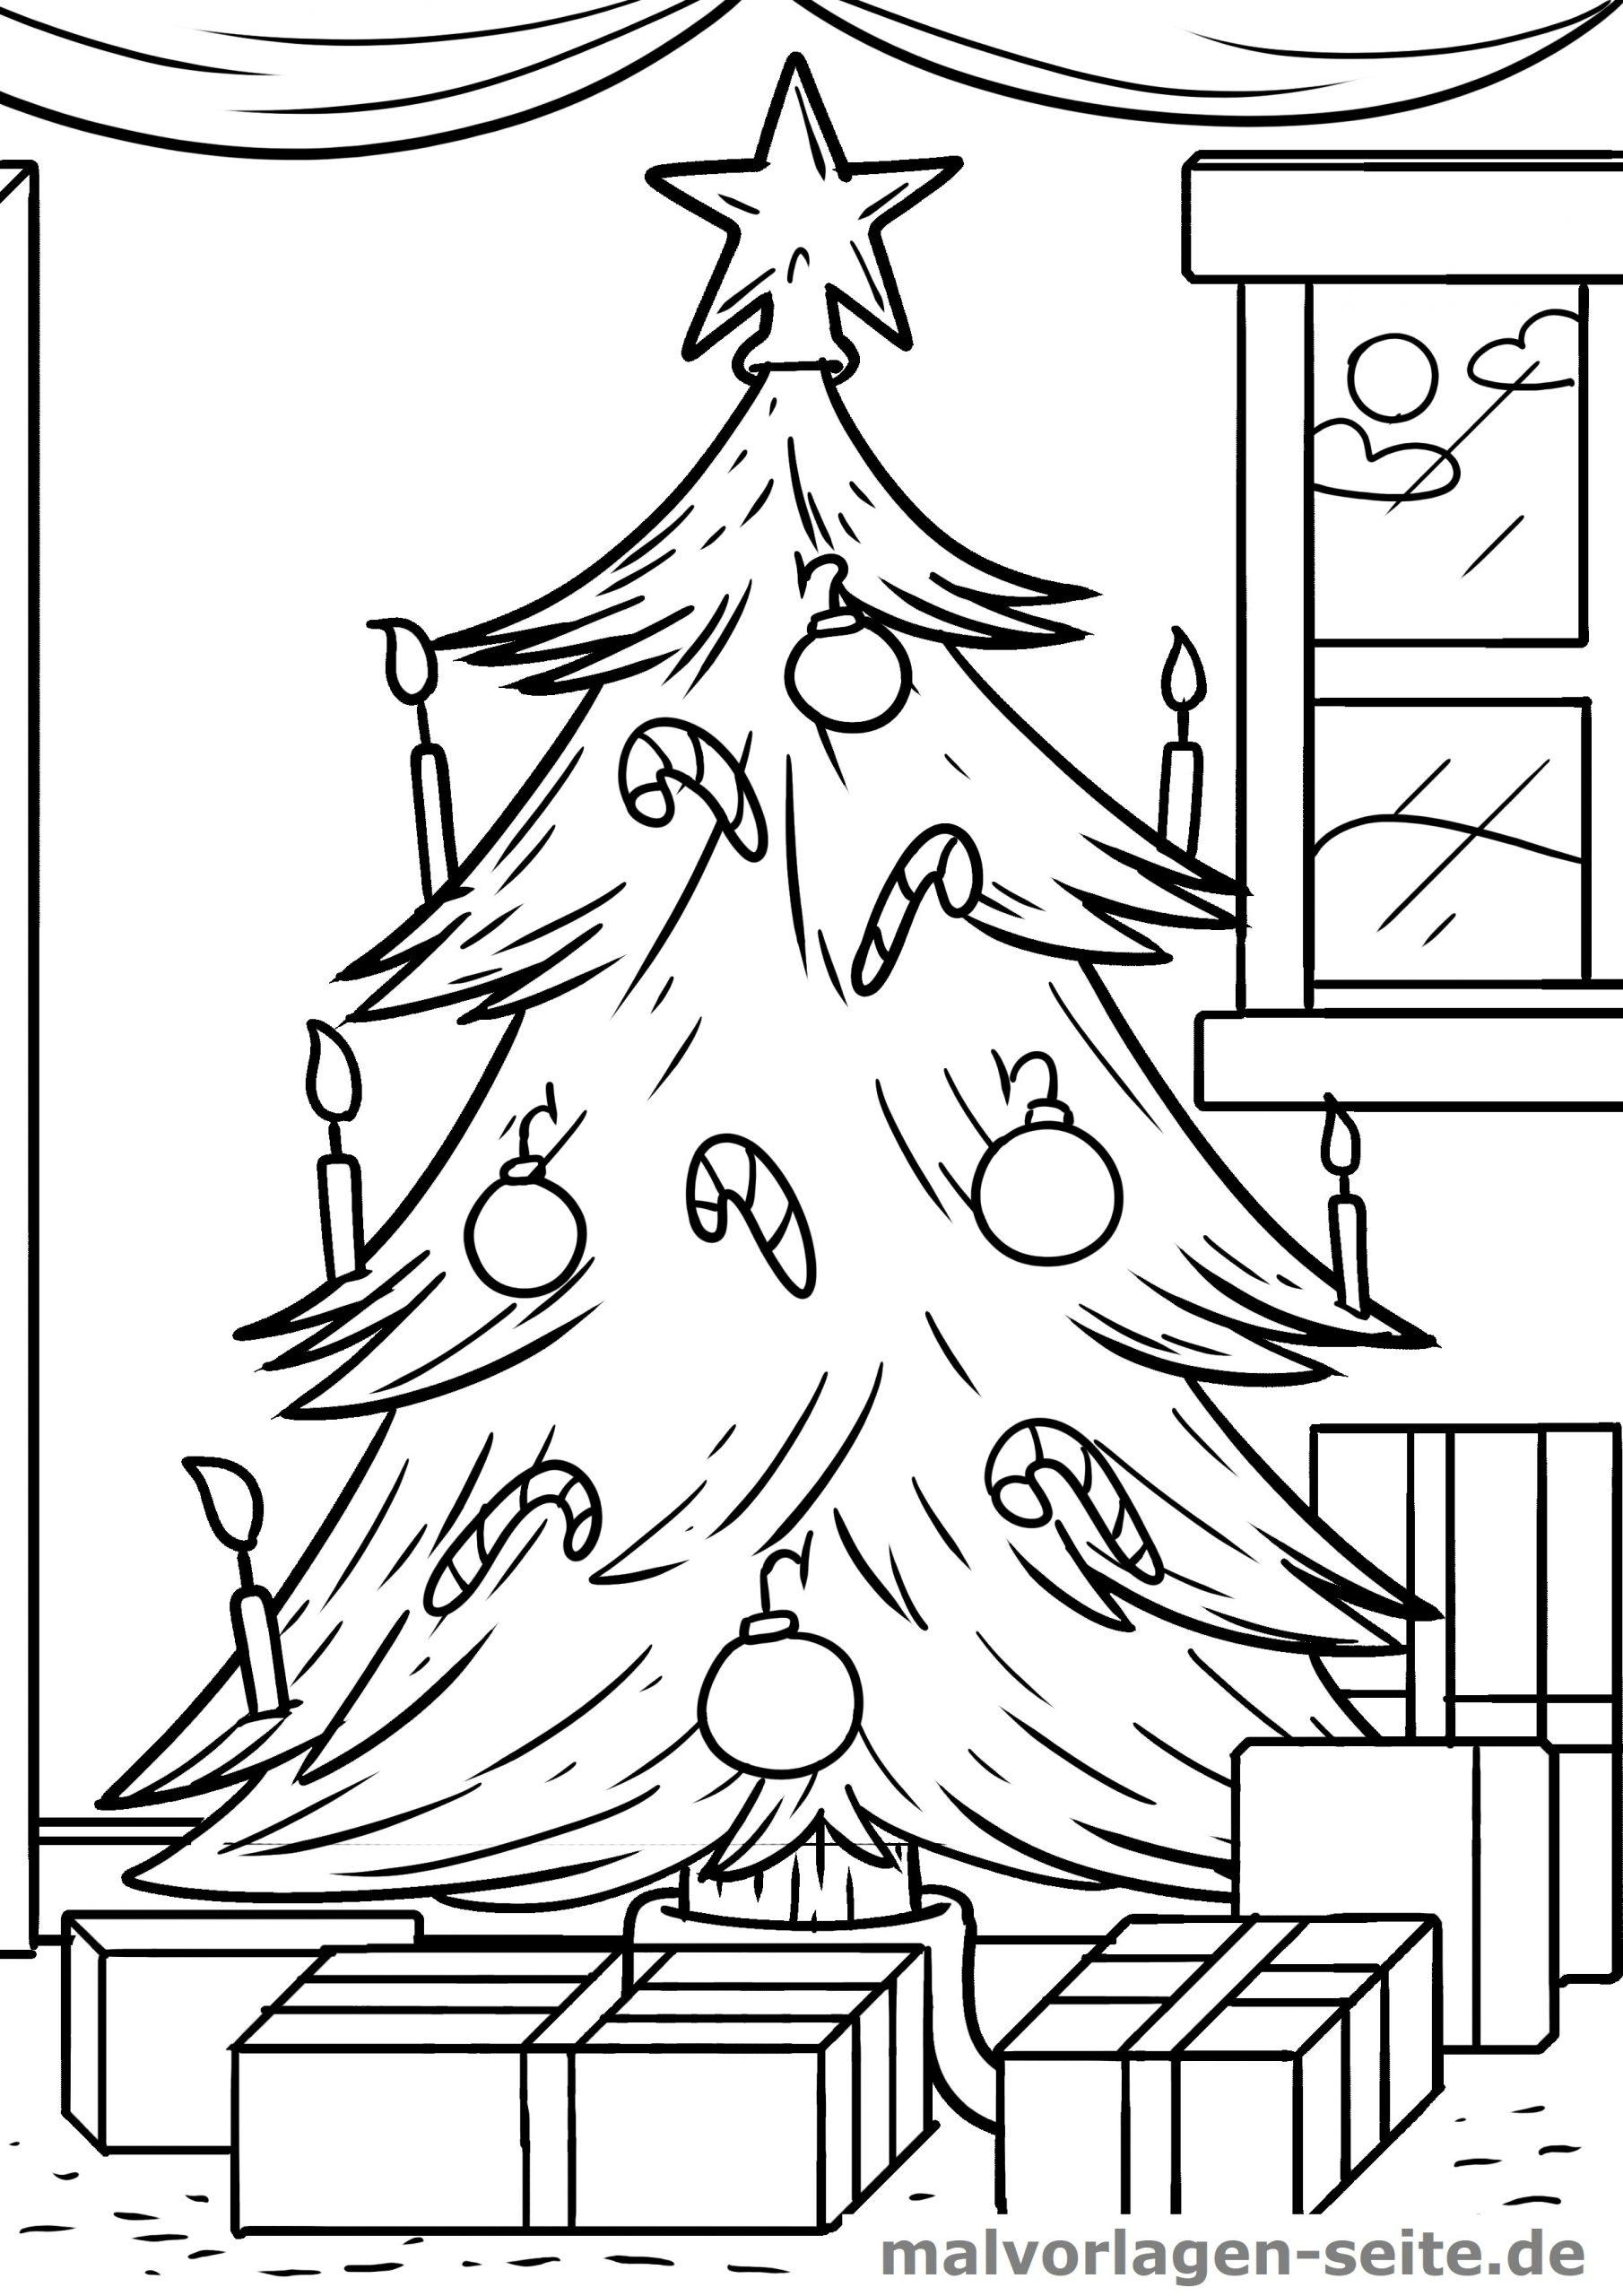 Malvorlage Weihnachten Weihnachtsbaum - Ausmalbilder bestimmt für Weihnachtsbaum Malvorlage